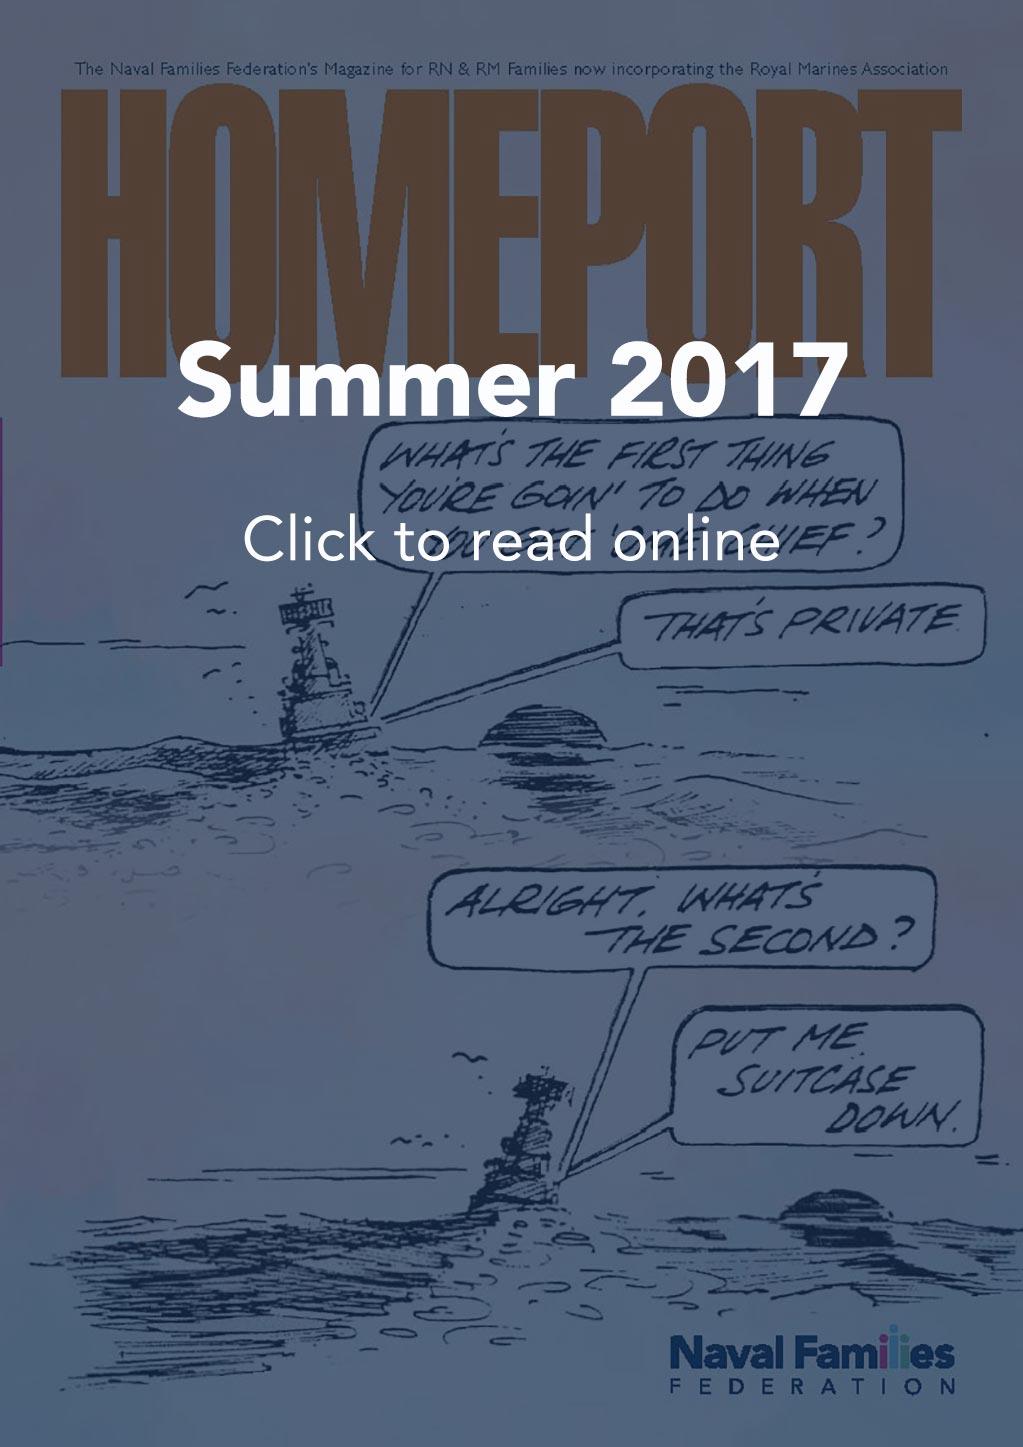 98 2017 Summer